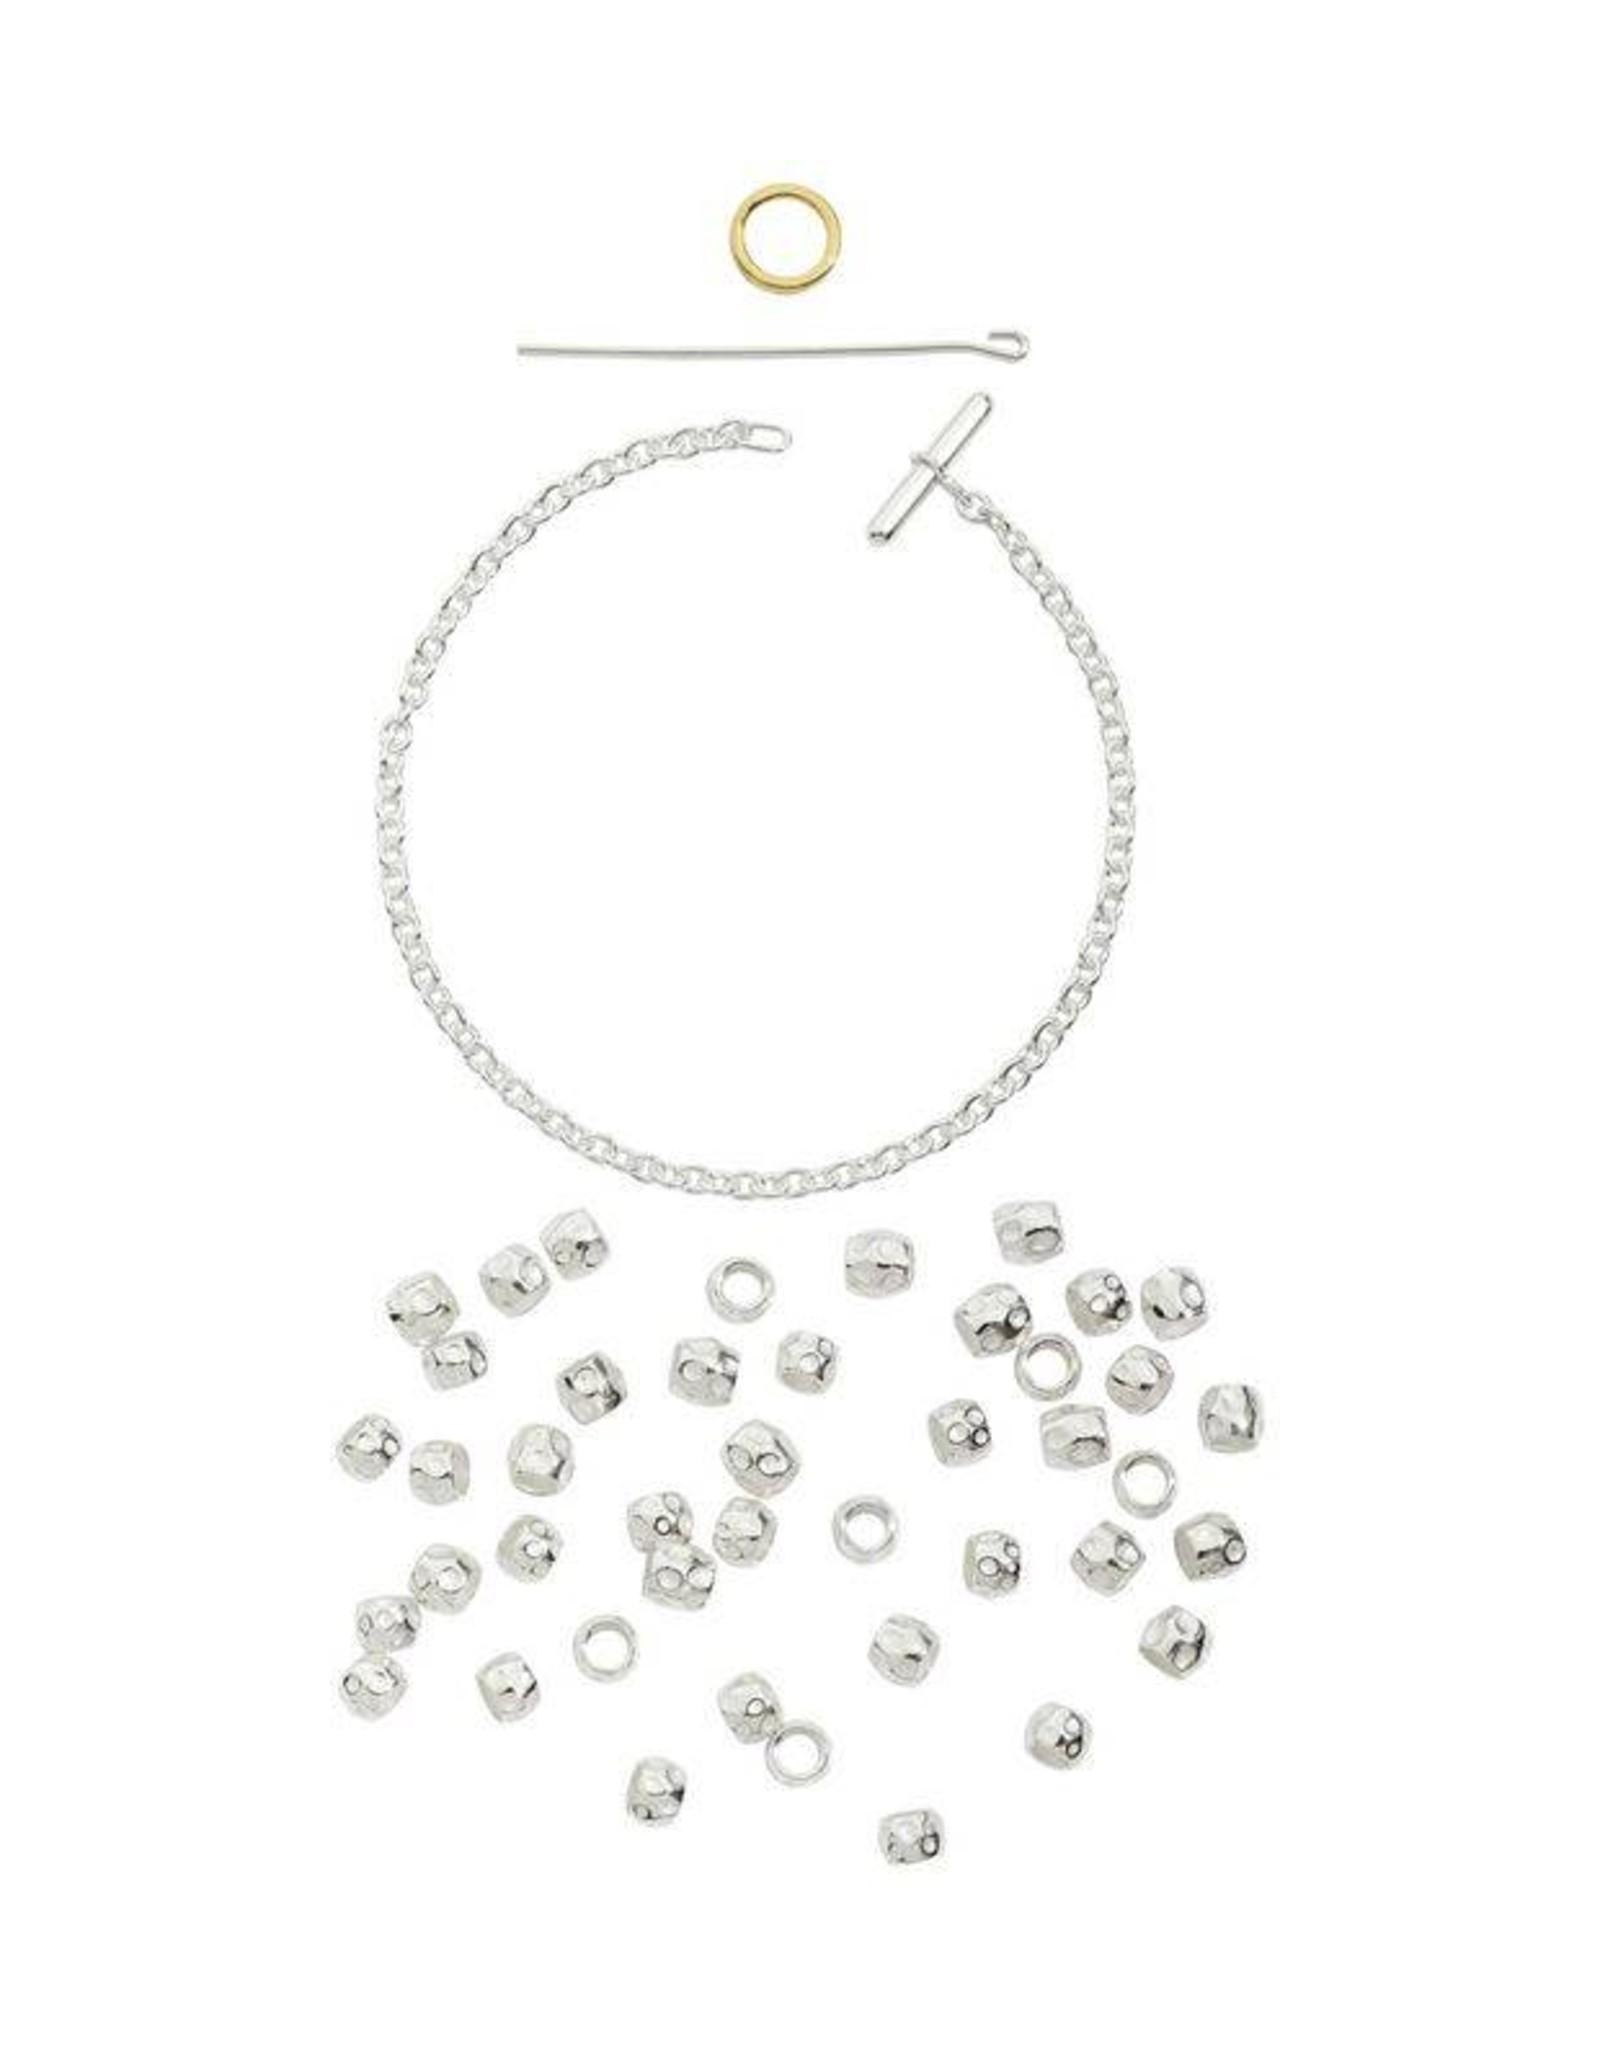 DoDo Armband Kit met zilveren beads